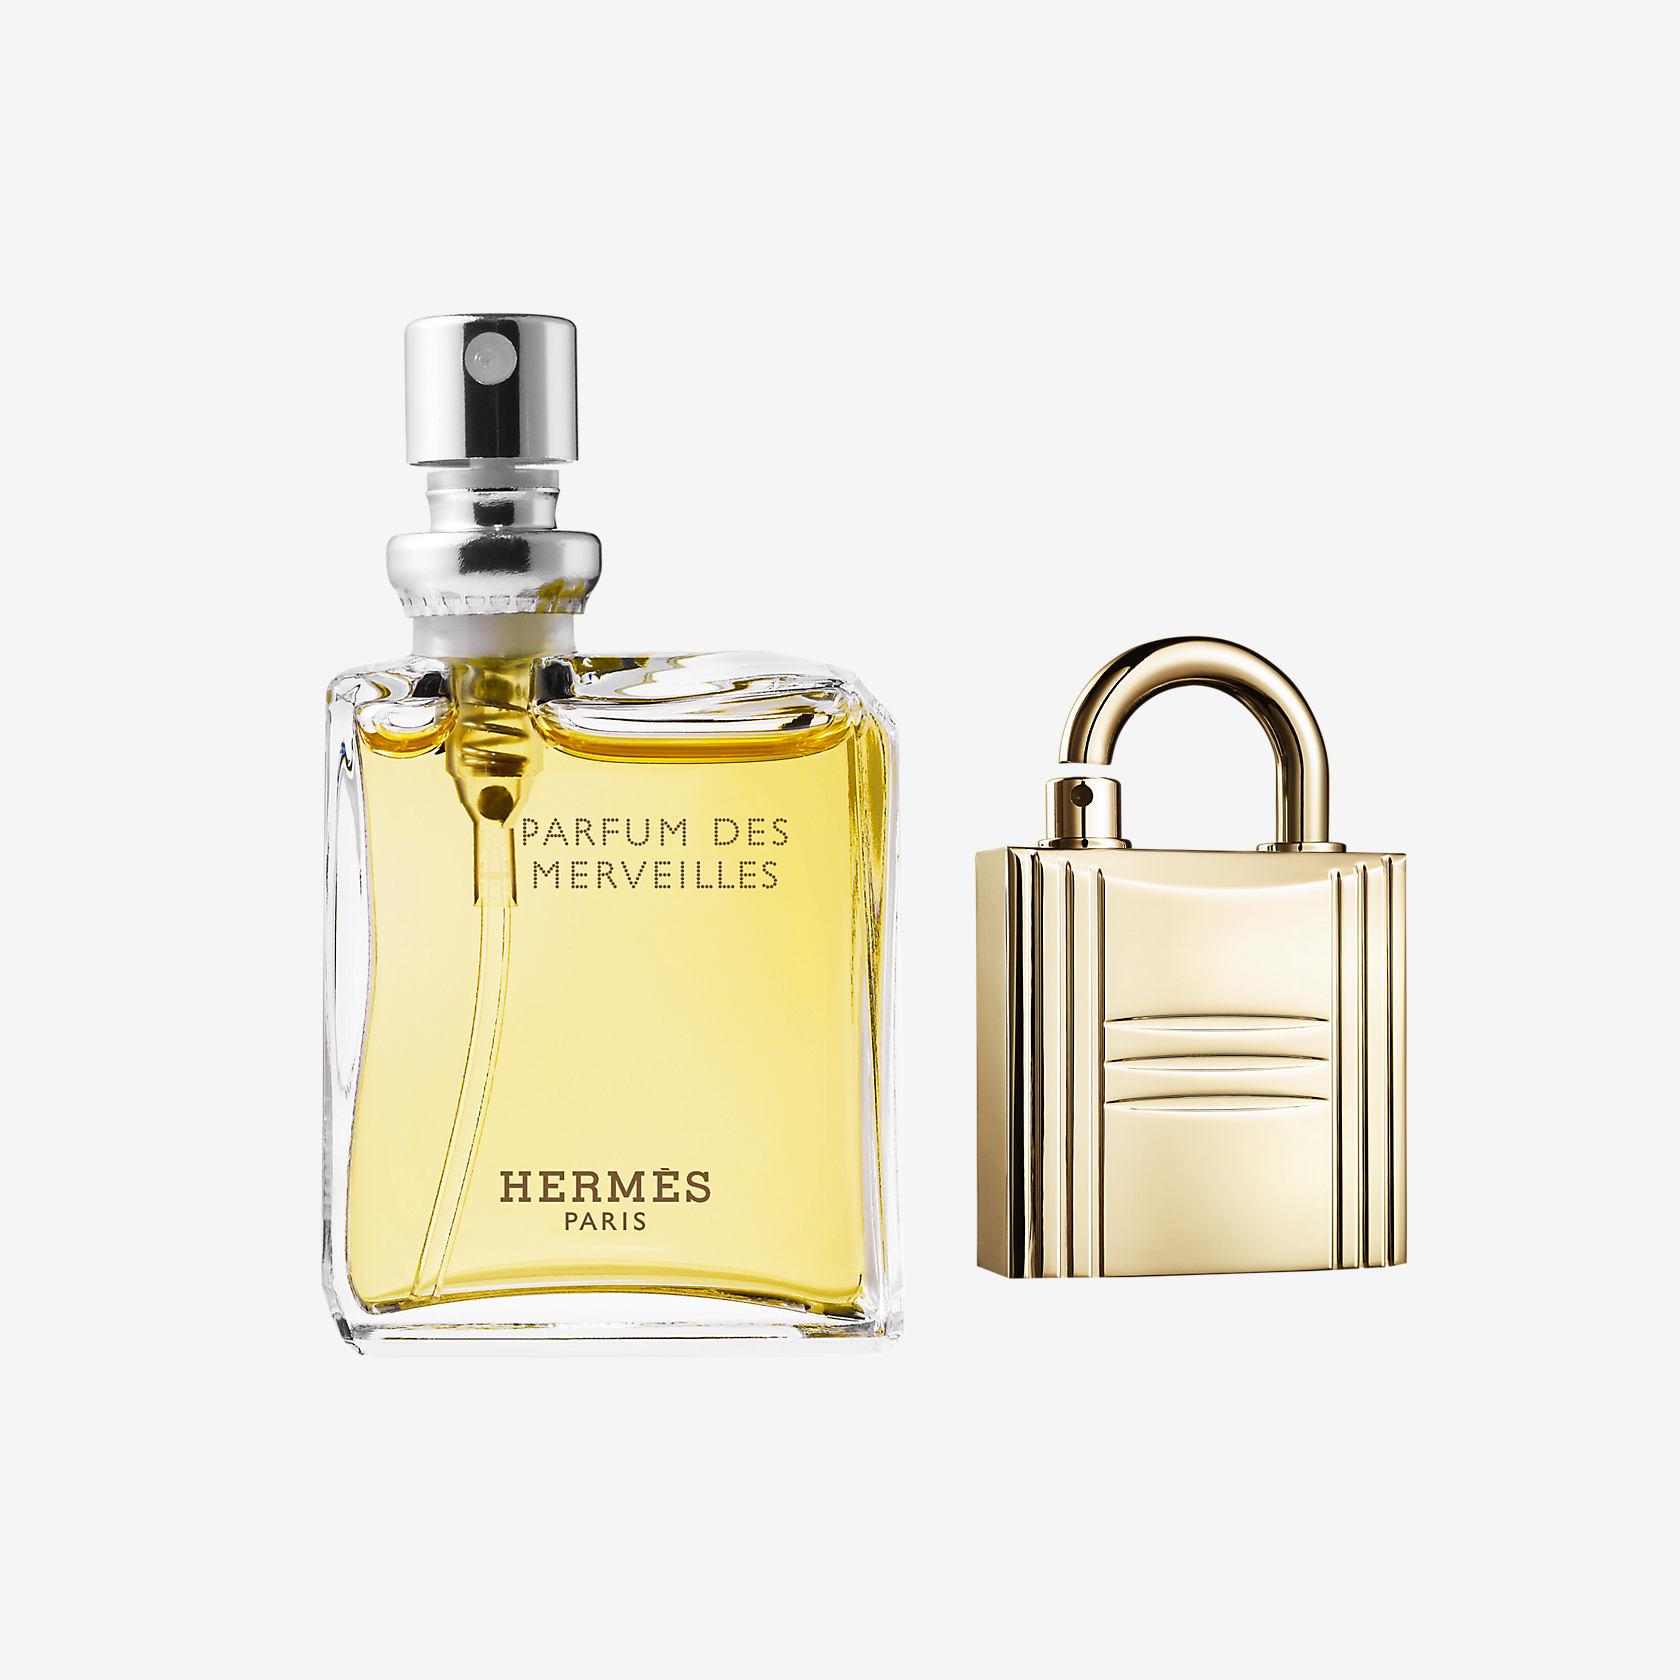 Parfum Des Merveilles Extrait De Parfum Refill Padlock Refillable